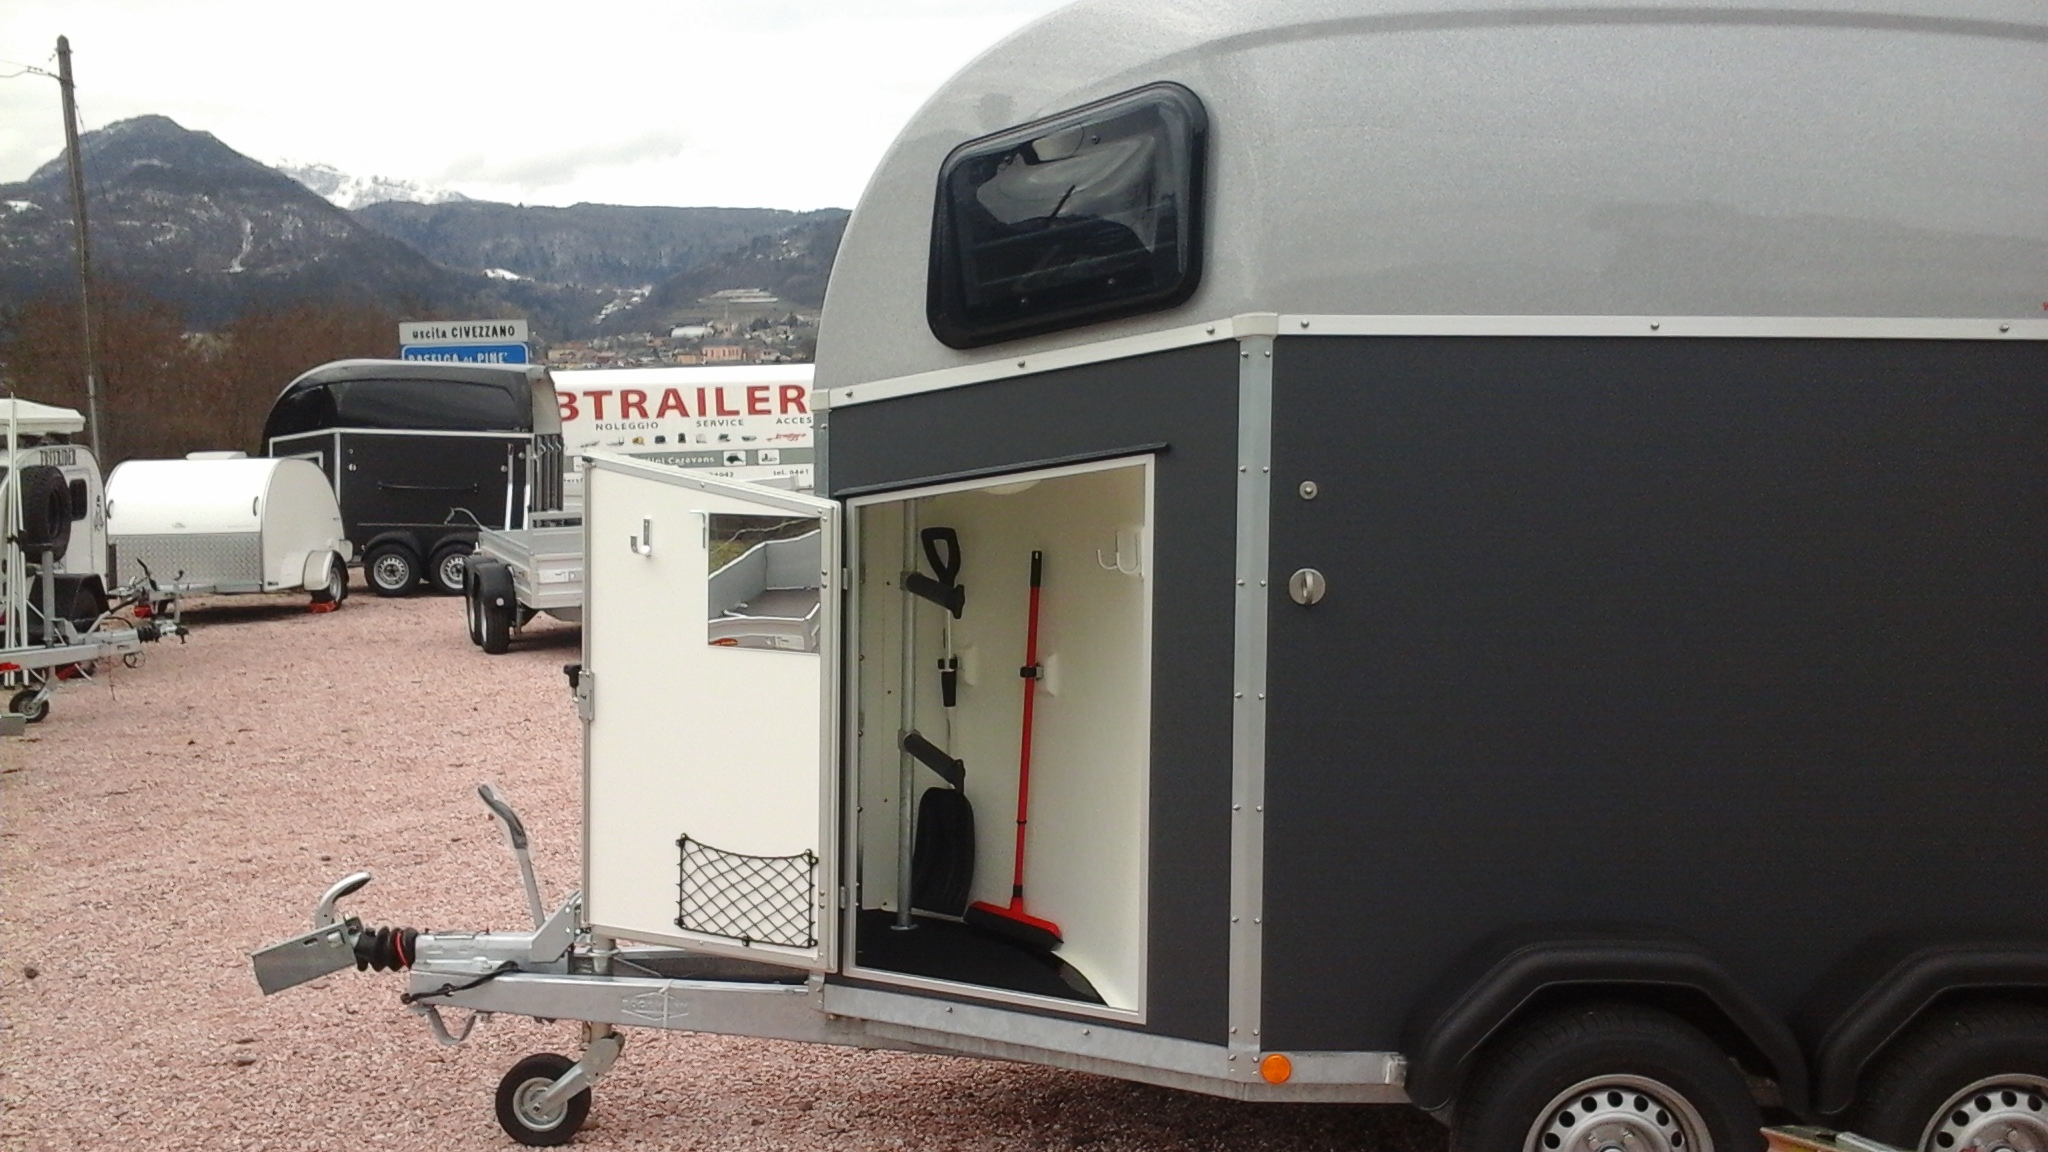 Gbtrailershop Offerta trailer cavalli con selleriaPromozioni e Occa...